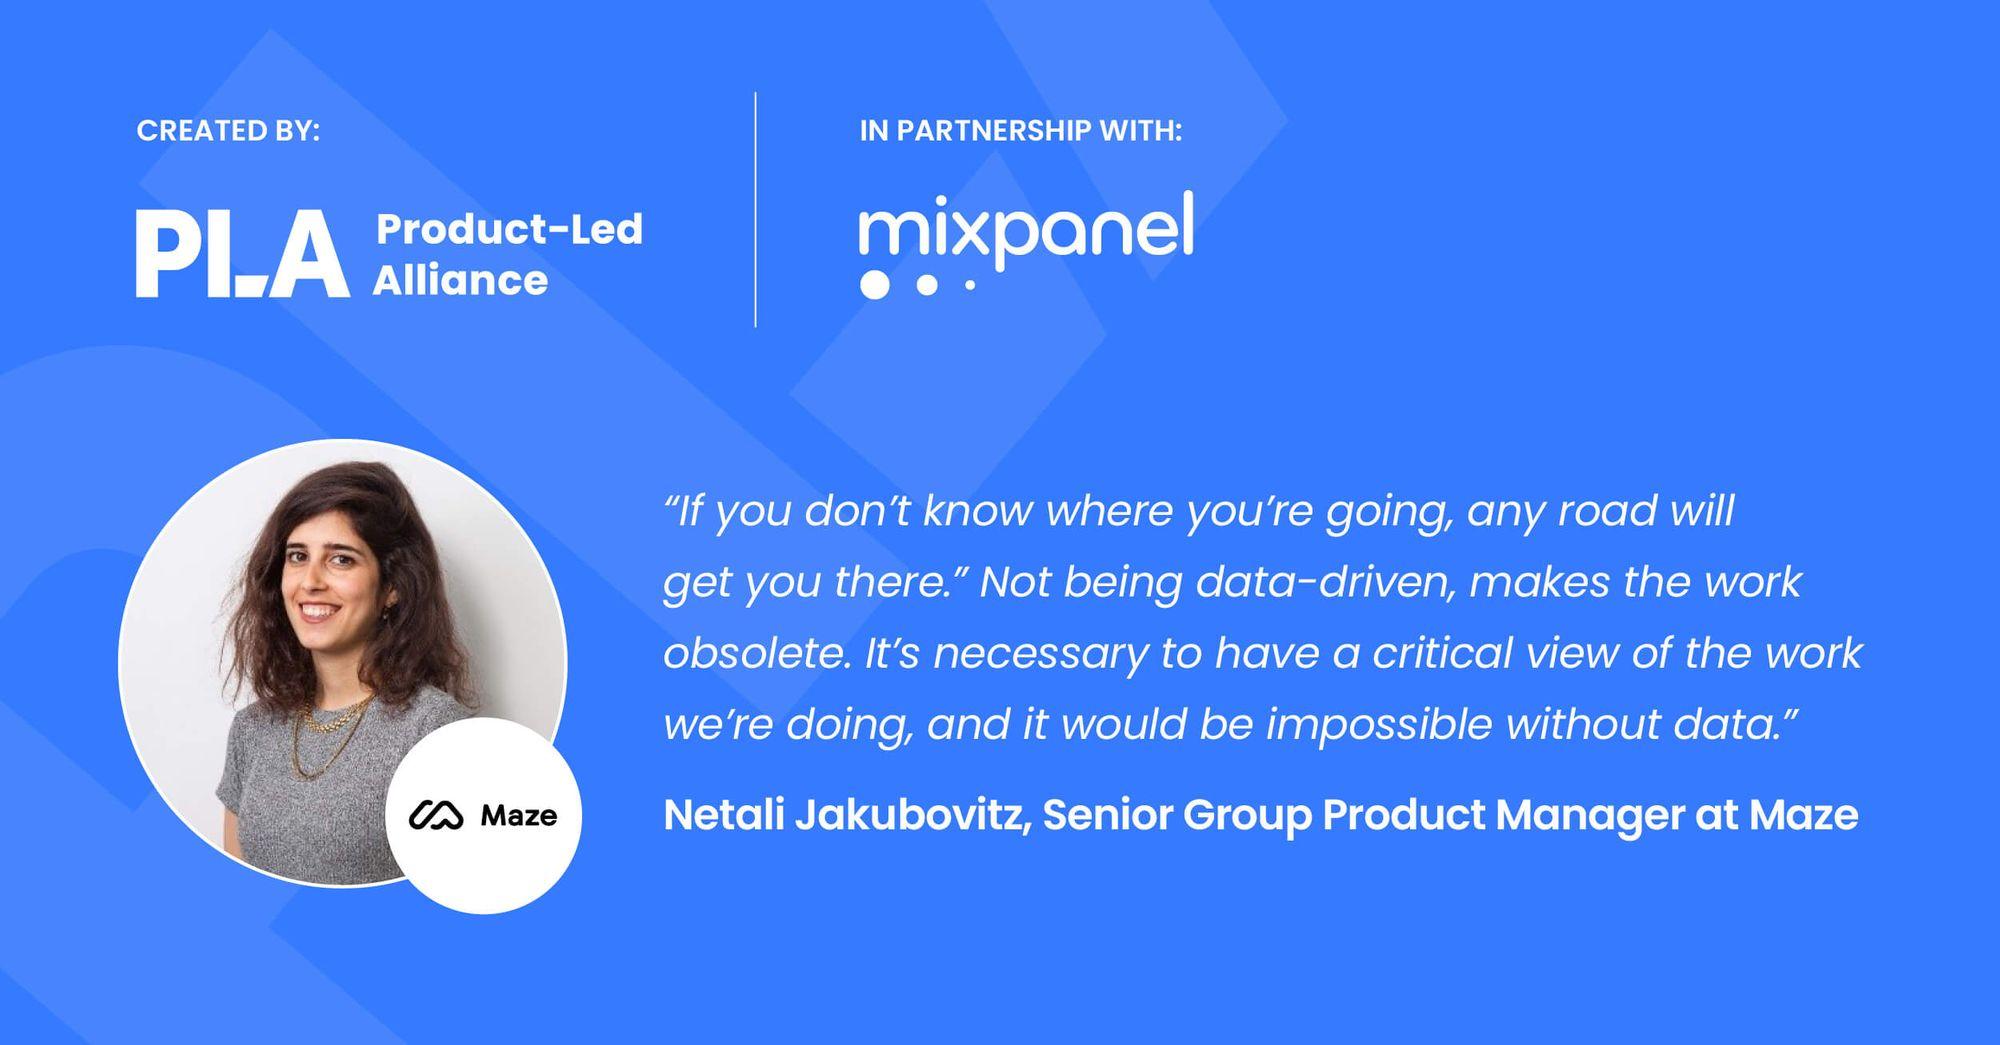 Product Data report - quote from Netali Jakubovitz at Maze